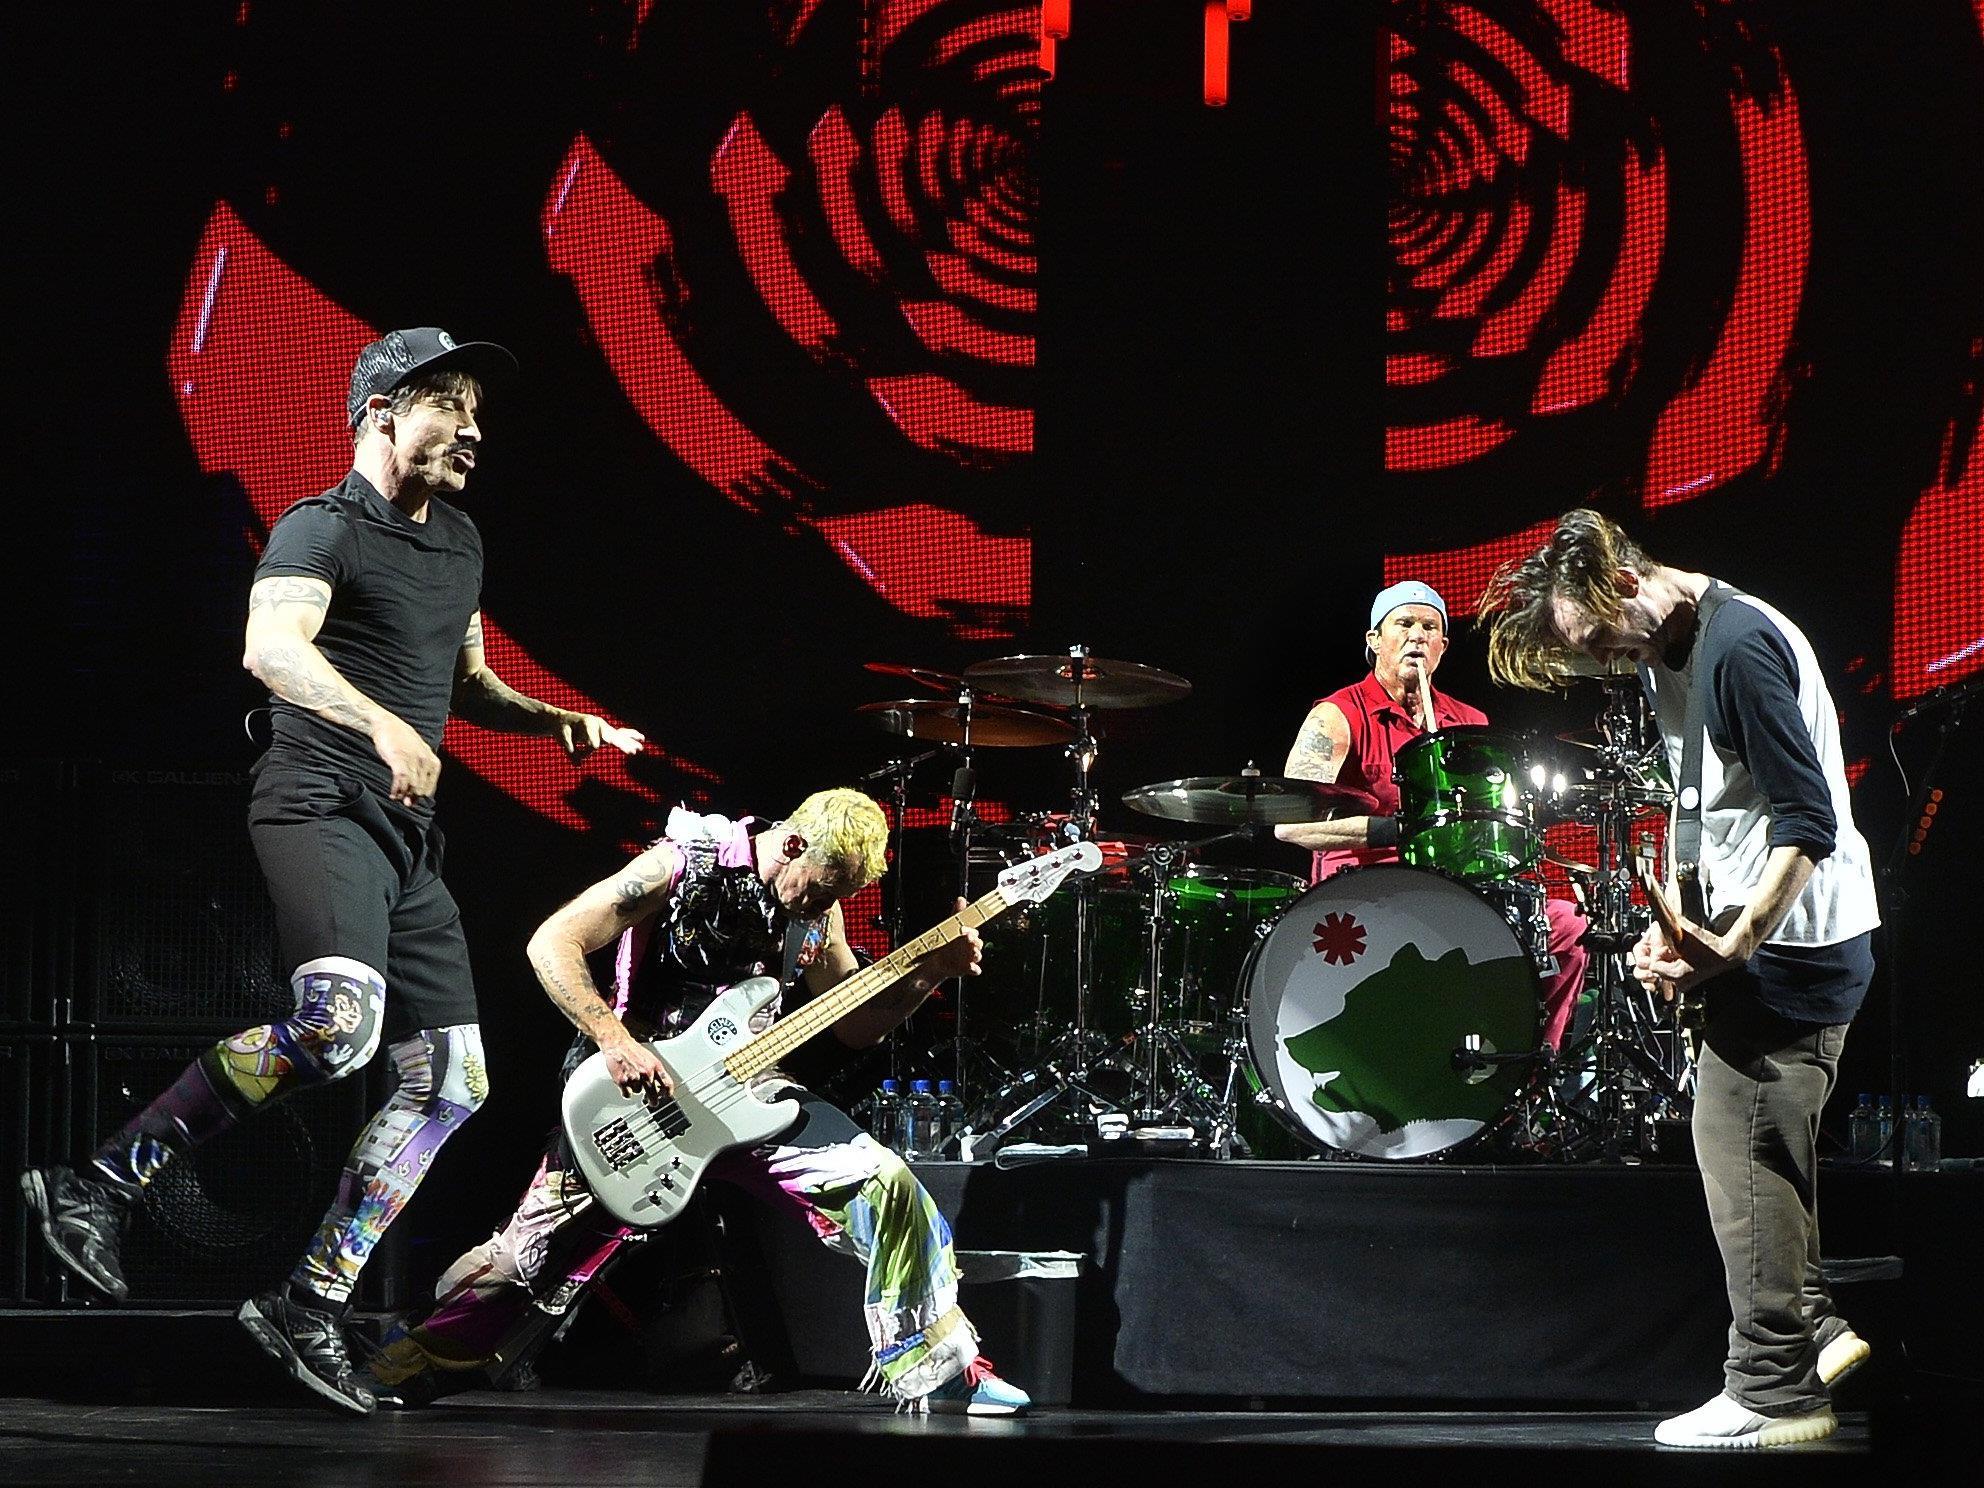 Die Red Hot Chili Peppers rockten die Wiener Stadthalle.